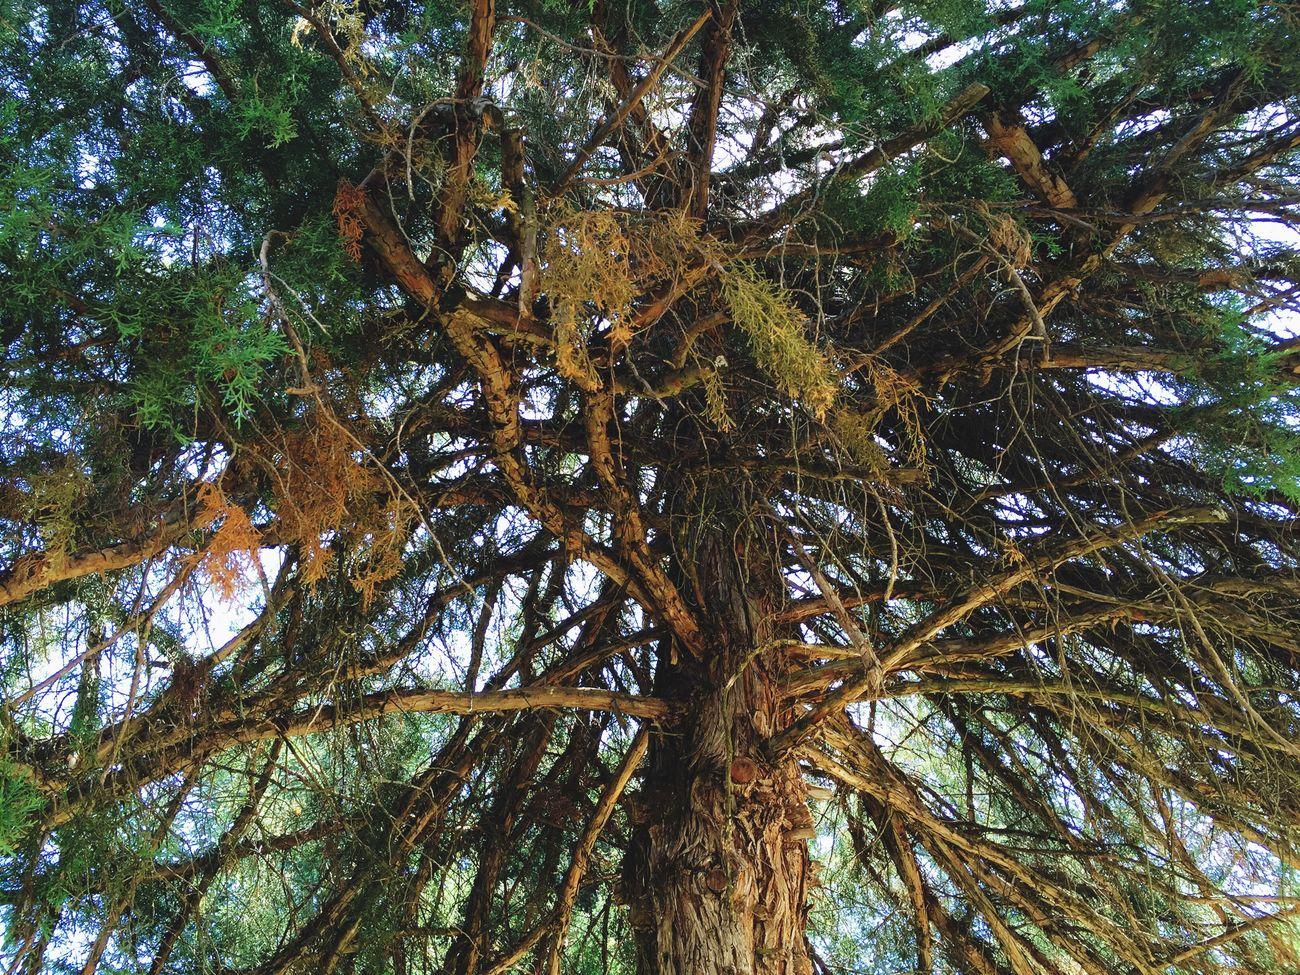 Nature Guisando Nature's Diversities